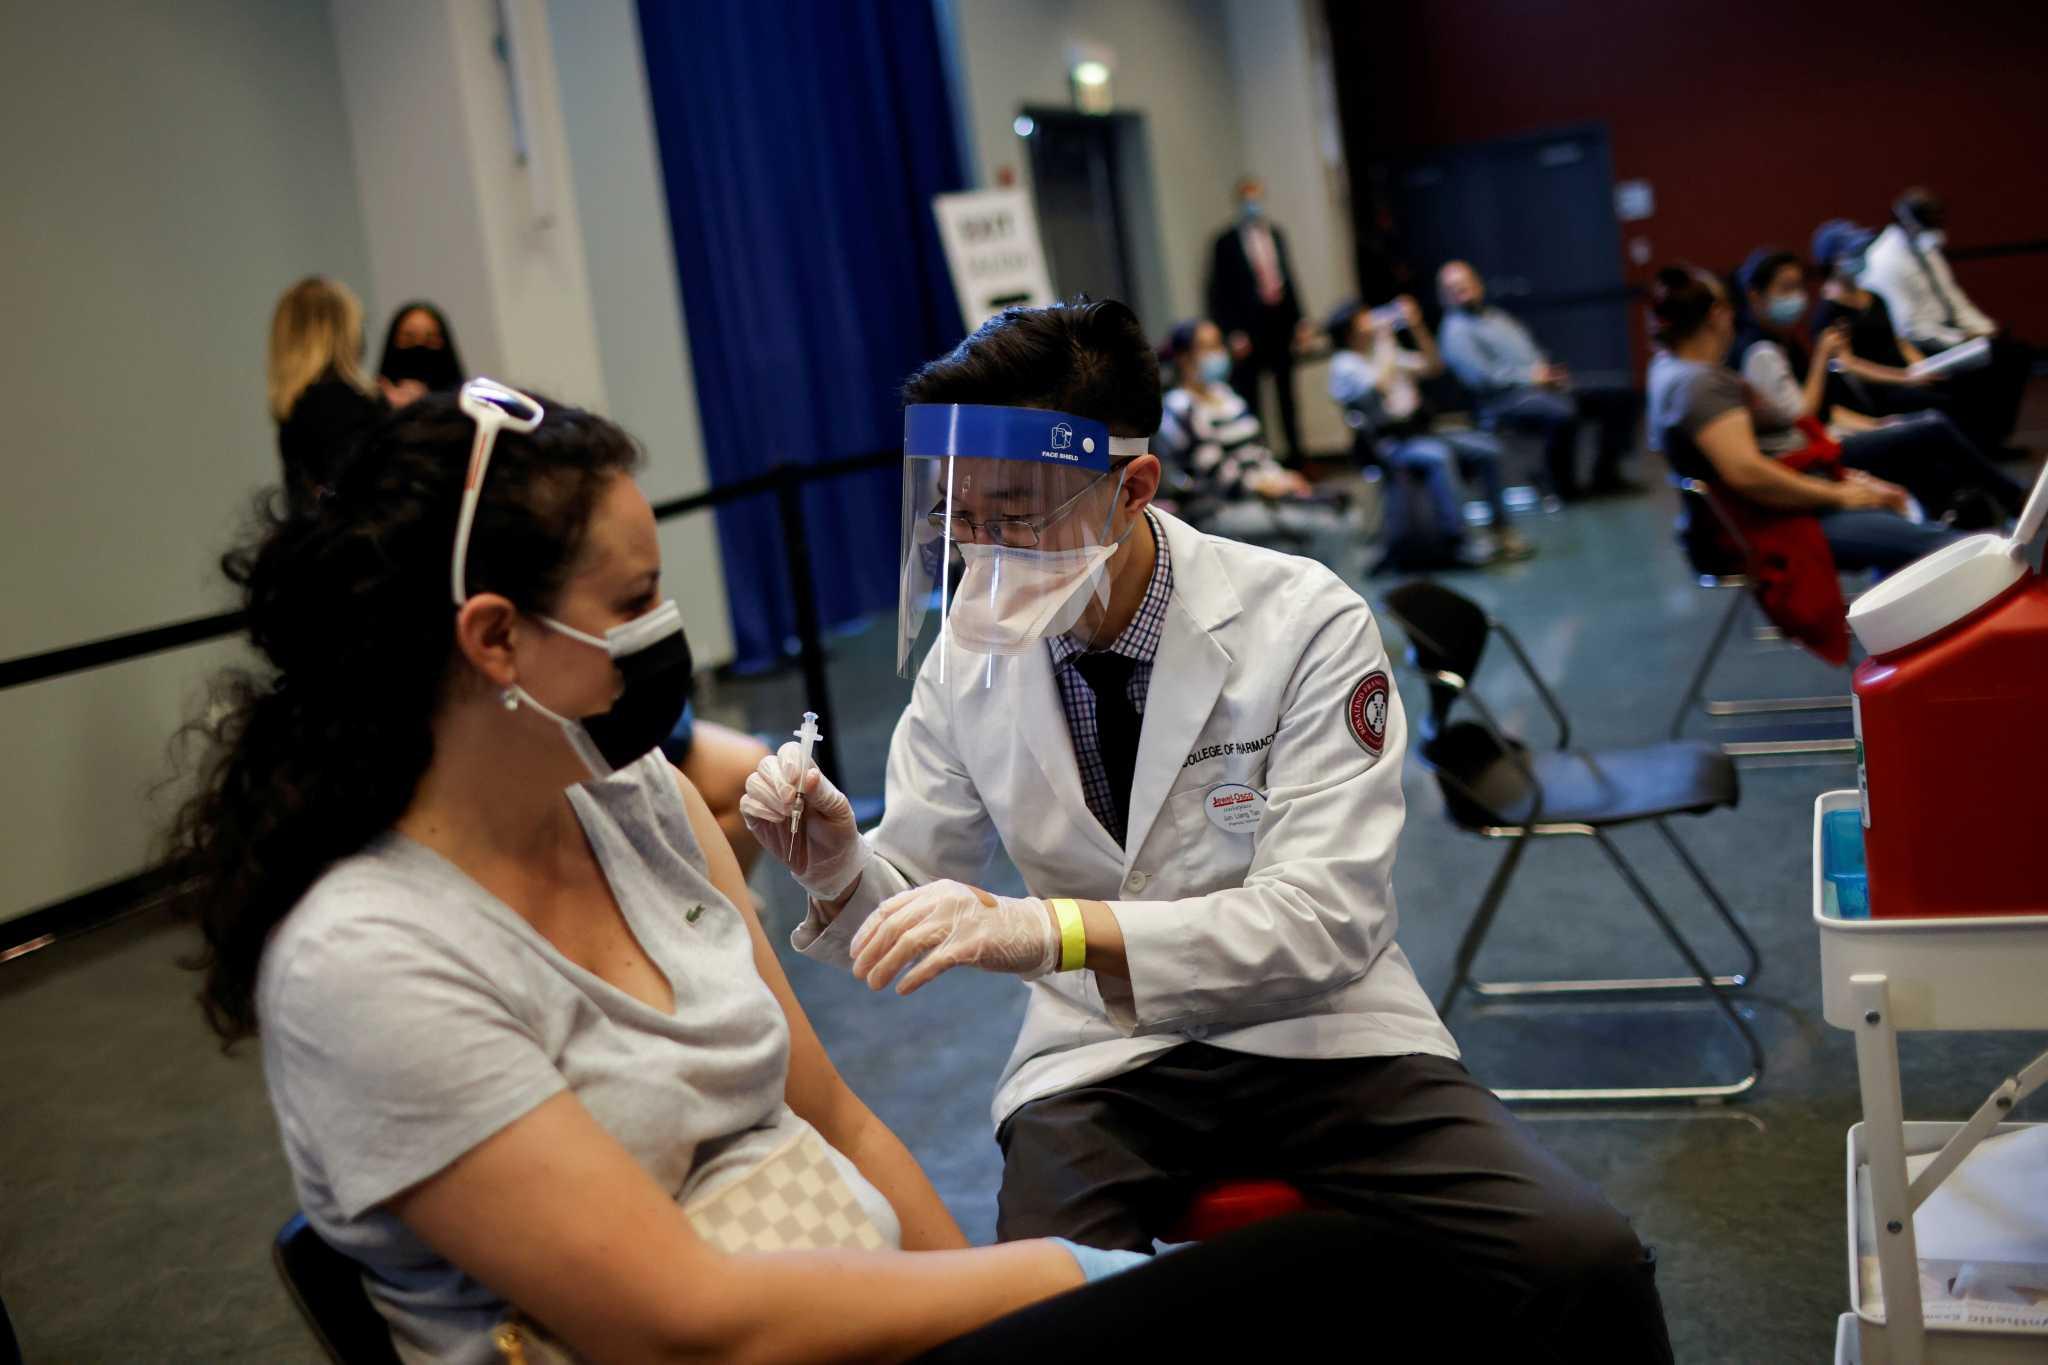 Εμβόλιο Johnson & Johnson: Ατάραχη η Ευρώπη – Κανονικά οι εμβολιασμοί